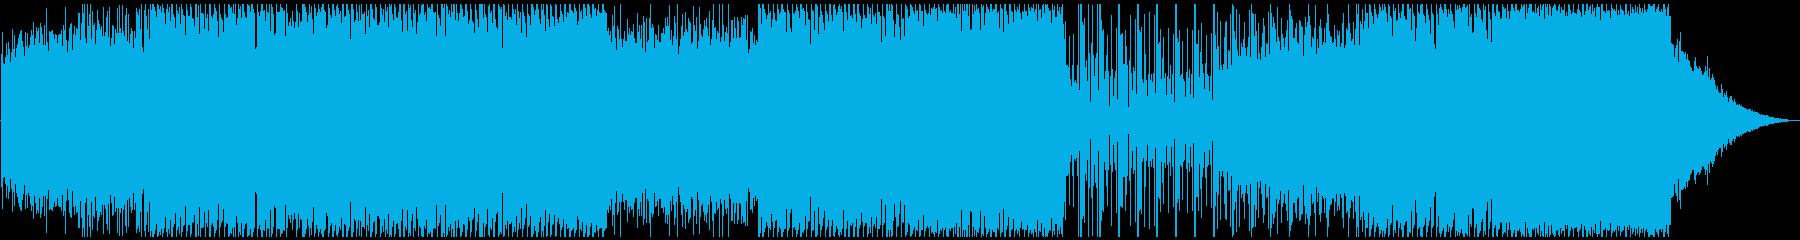 不吉な謎の全貌を解き明かす時のテーマの再生済みの波形